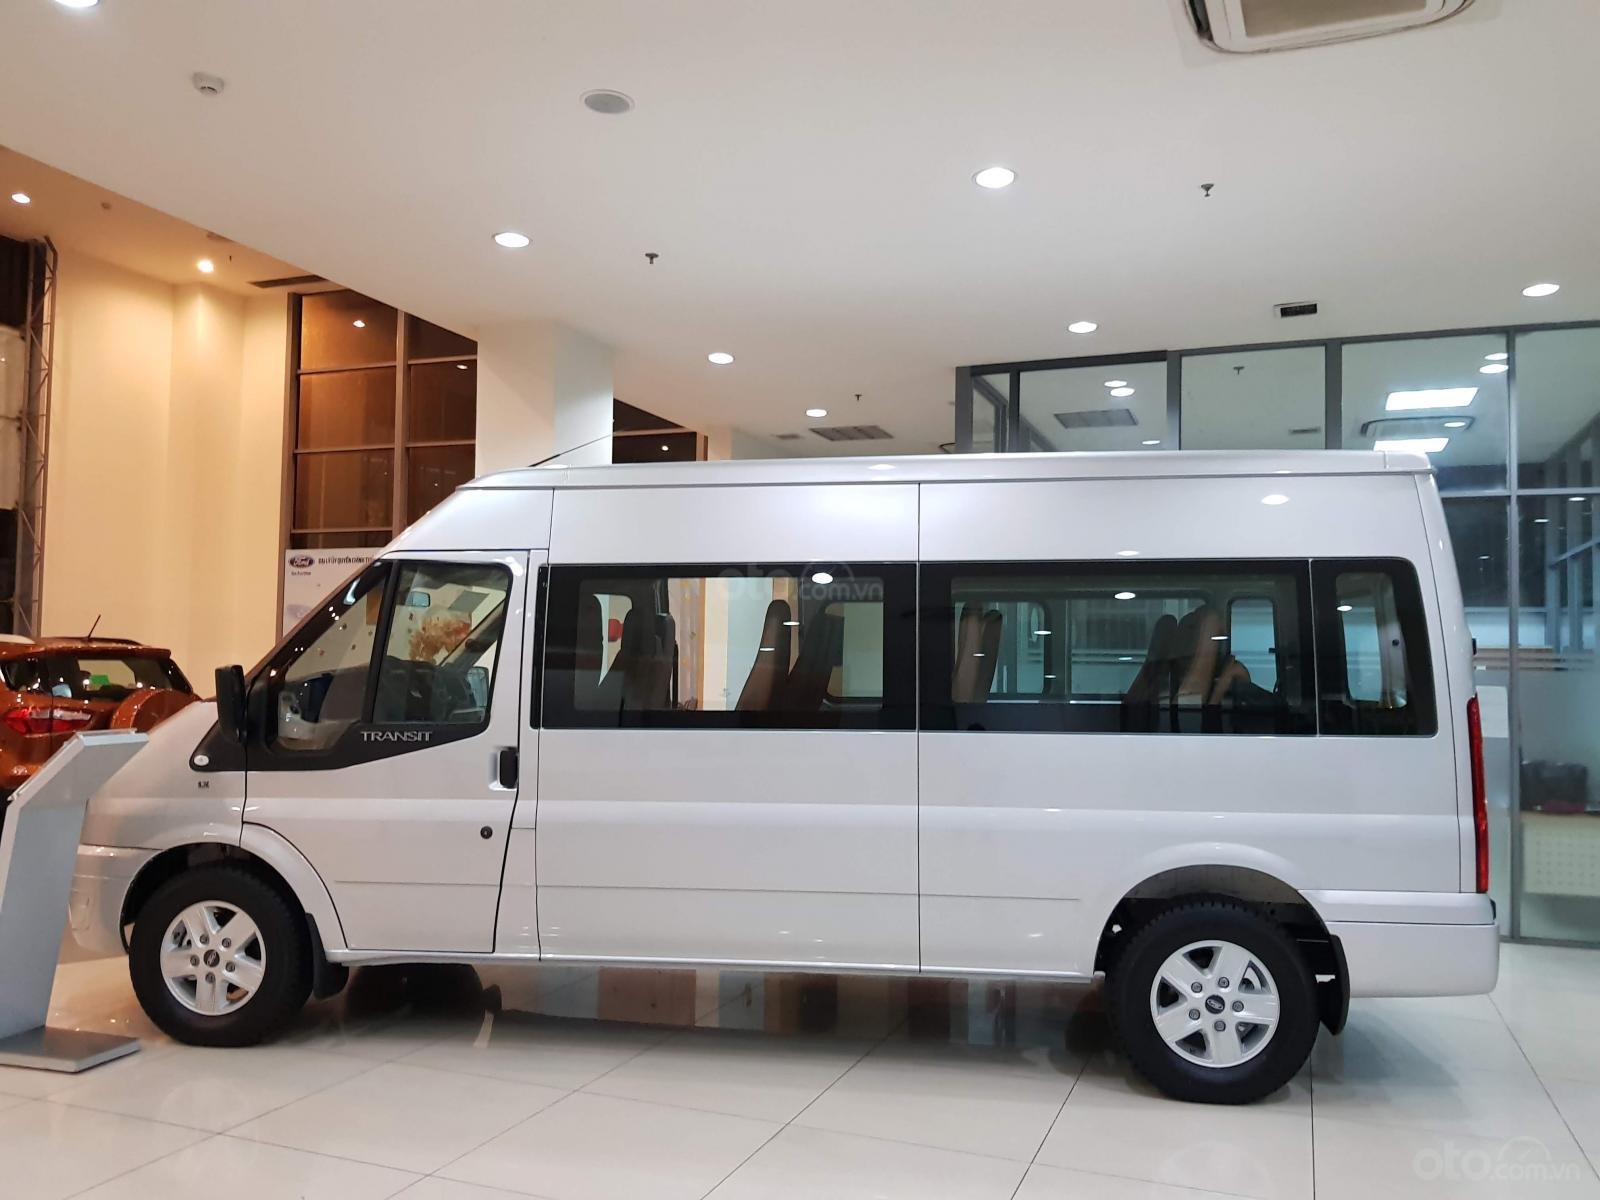 Ford Transit 2019 - Trả trước 170 triệu nhận xe ngay - Liên hệ: 0909 567 511 Huỳnh Nguyên (1)